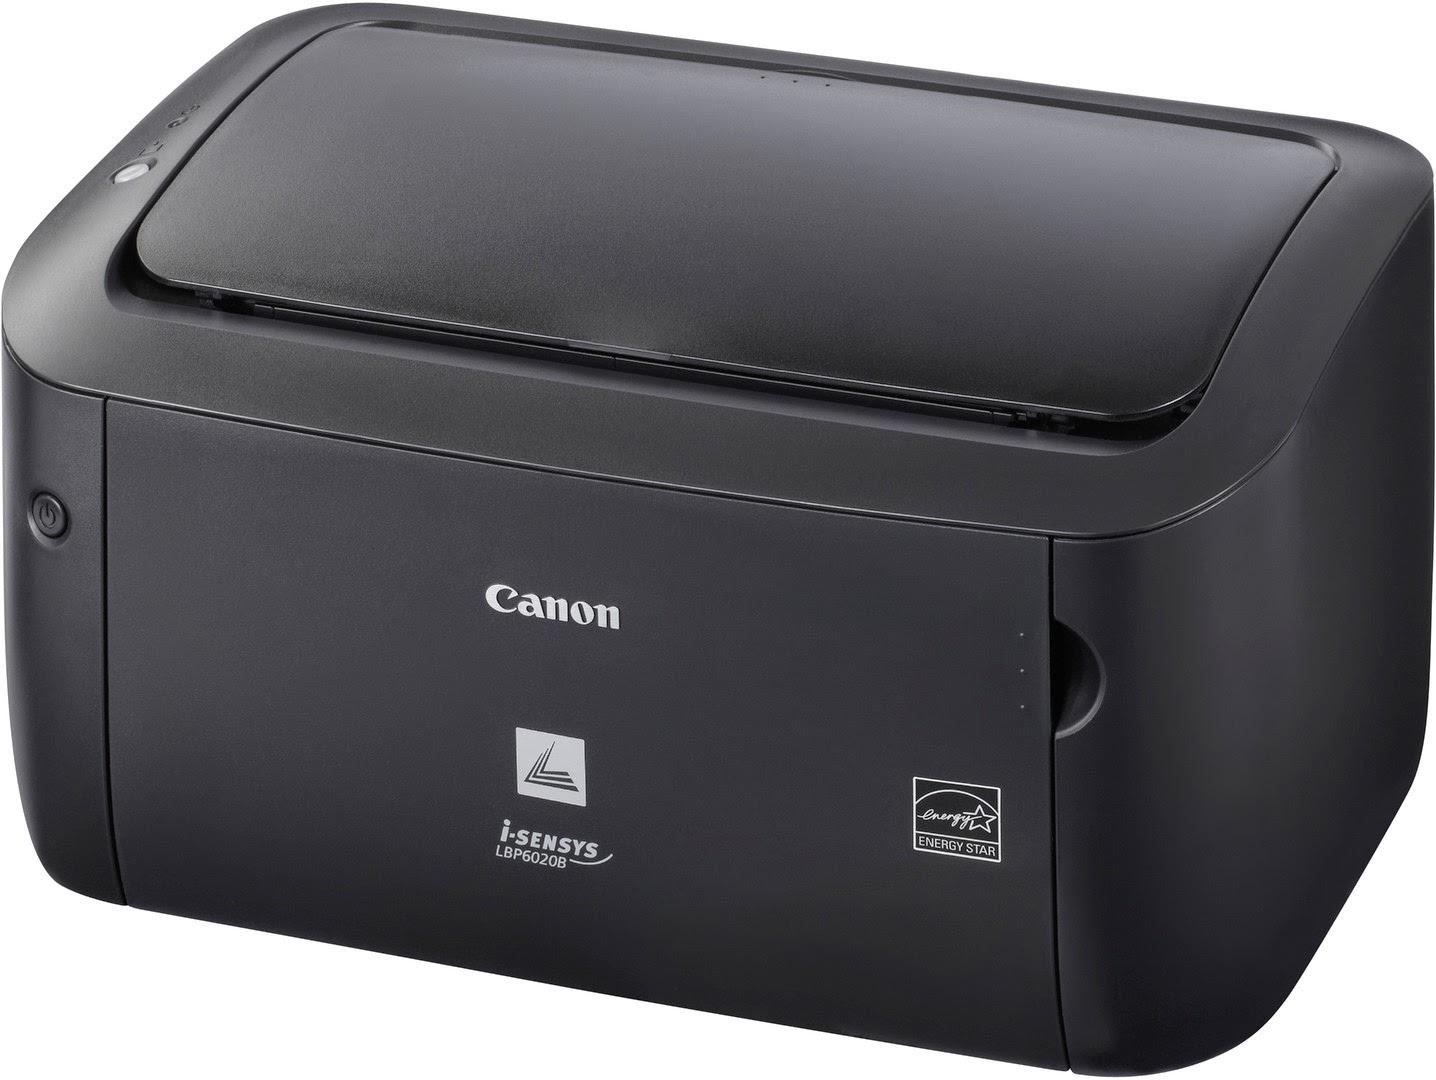 Canon Printer 6020b Driver